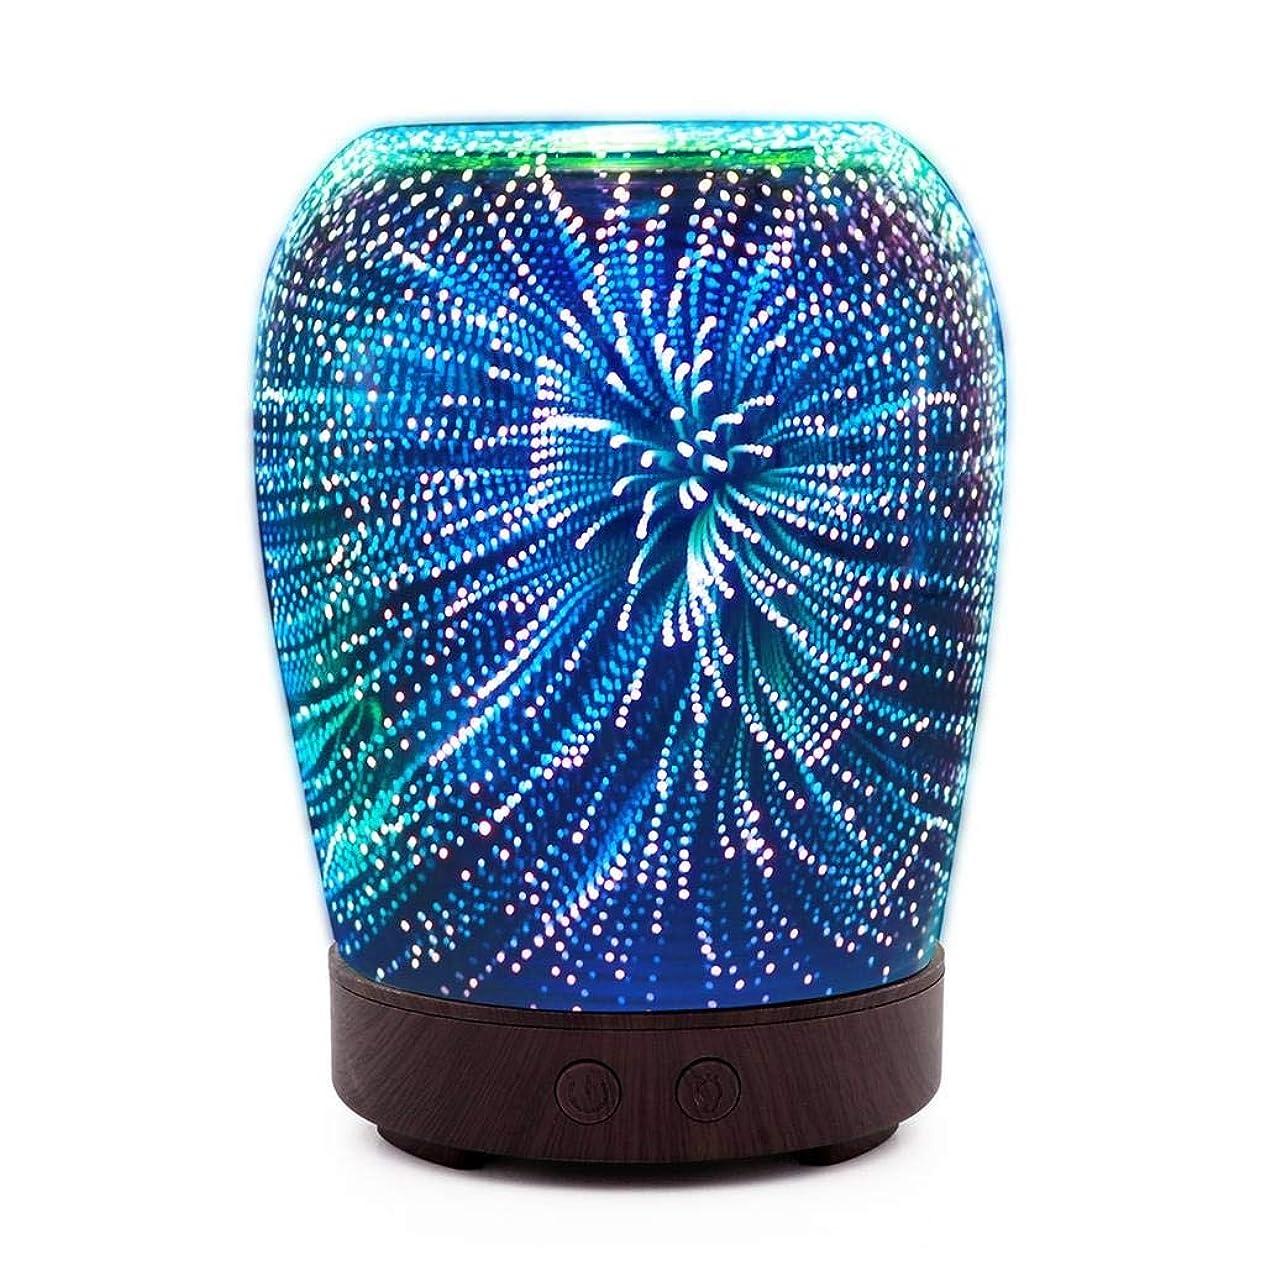 アクション依存リレー芳香 拡張器 清涼 薄霧 加湿器 アロマディフューザー 車内や家庭で使用 (Color : Fireworks)